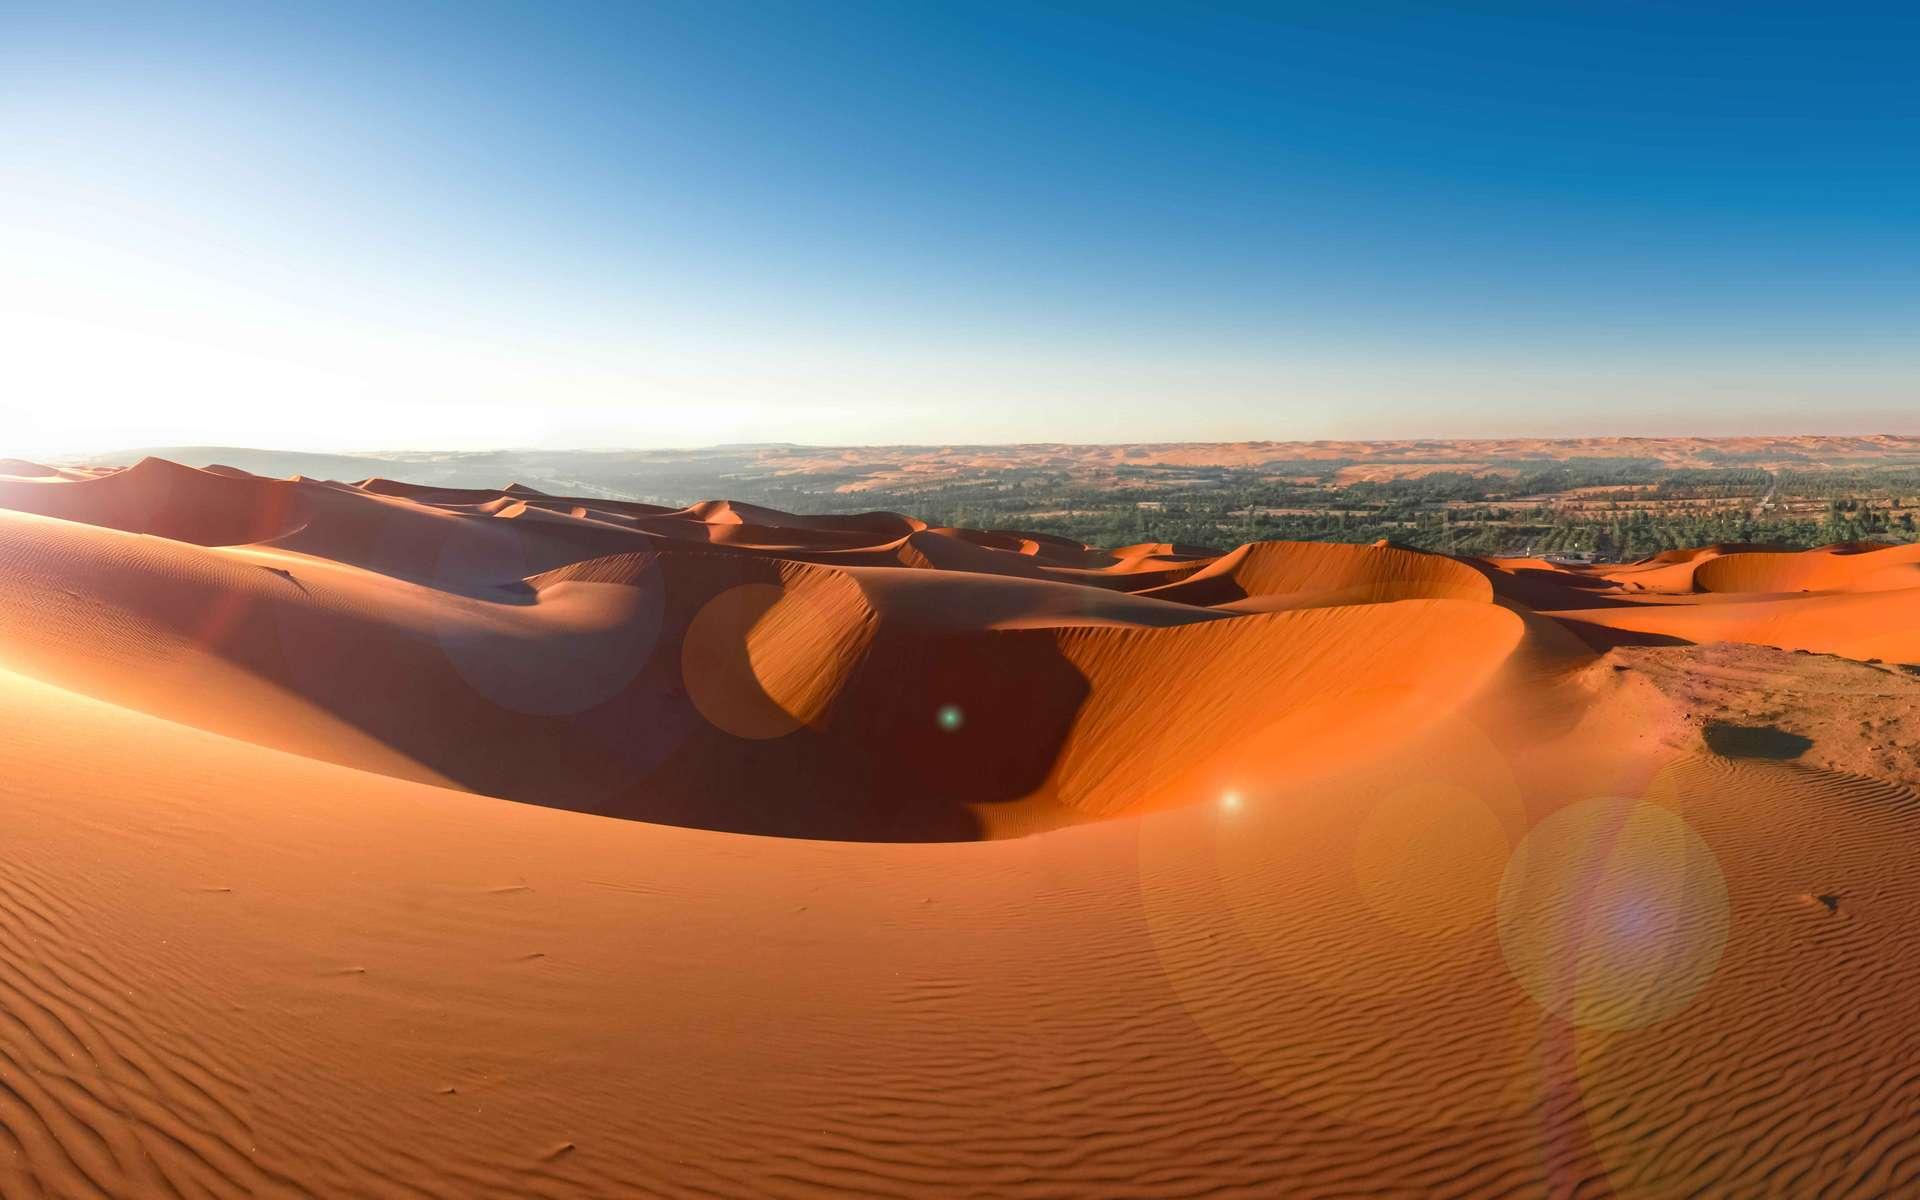 L'ADN de populations au Moyen-Orient a été analysé pour obtenir de nouvelles informations quant à l'histoire de l'évolution humaine. En photo : paysage désertique aux Émirats arabes unis. © solkafa, Adobe Stock